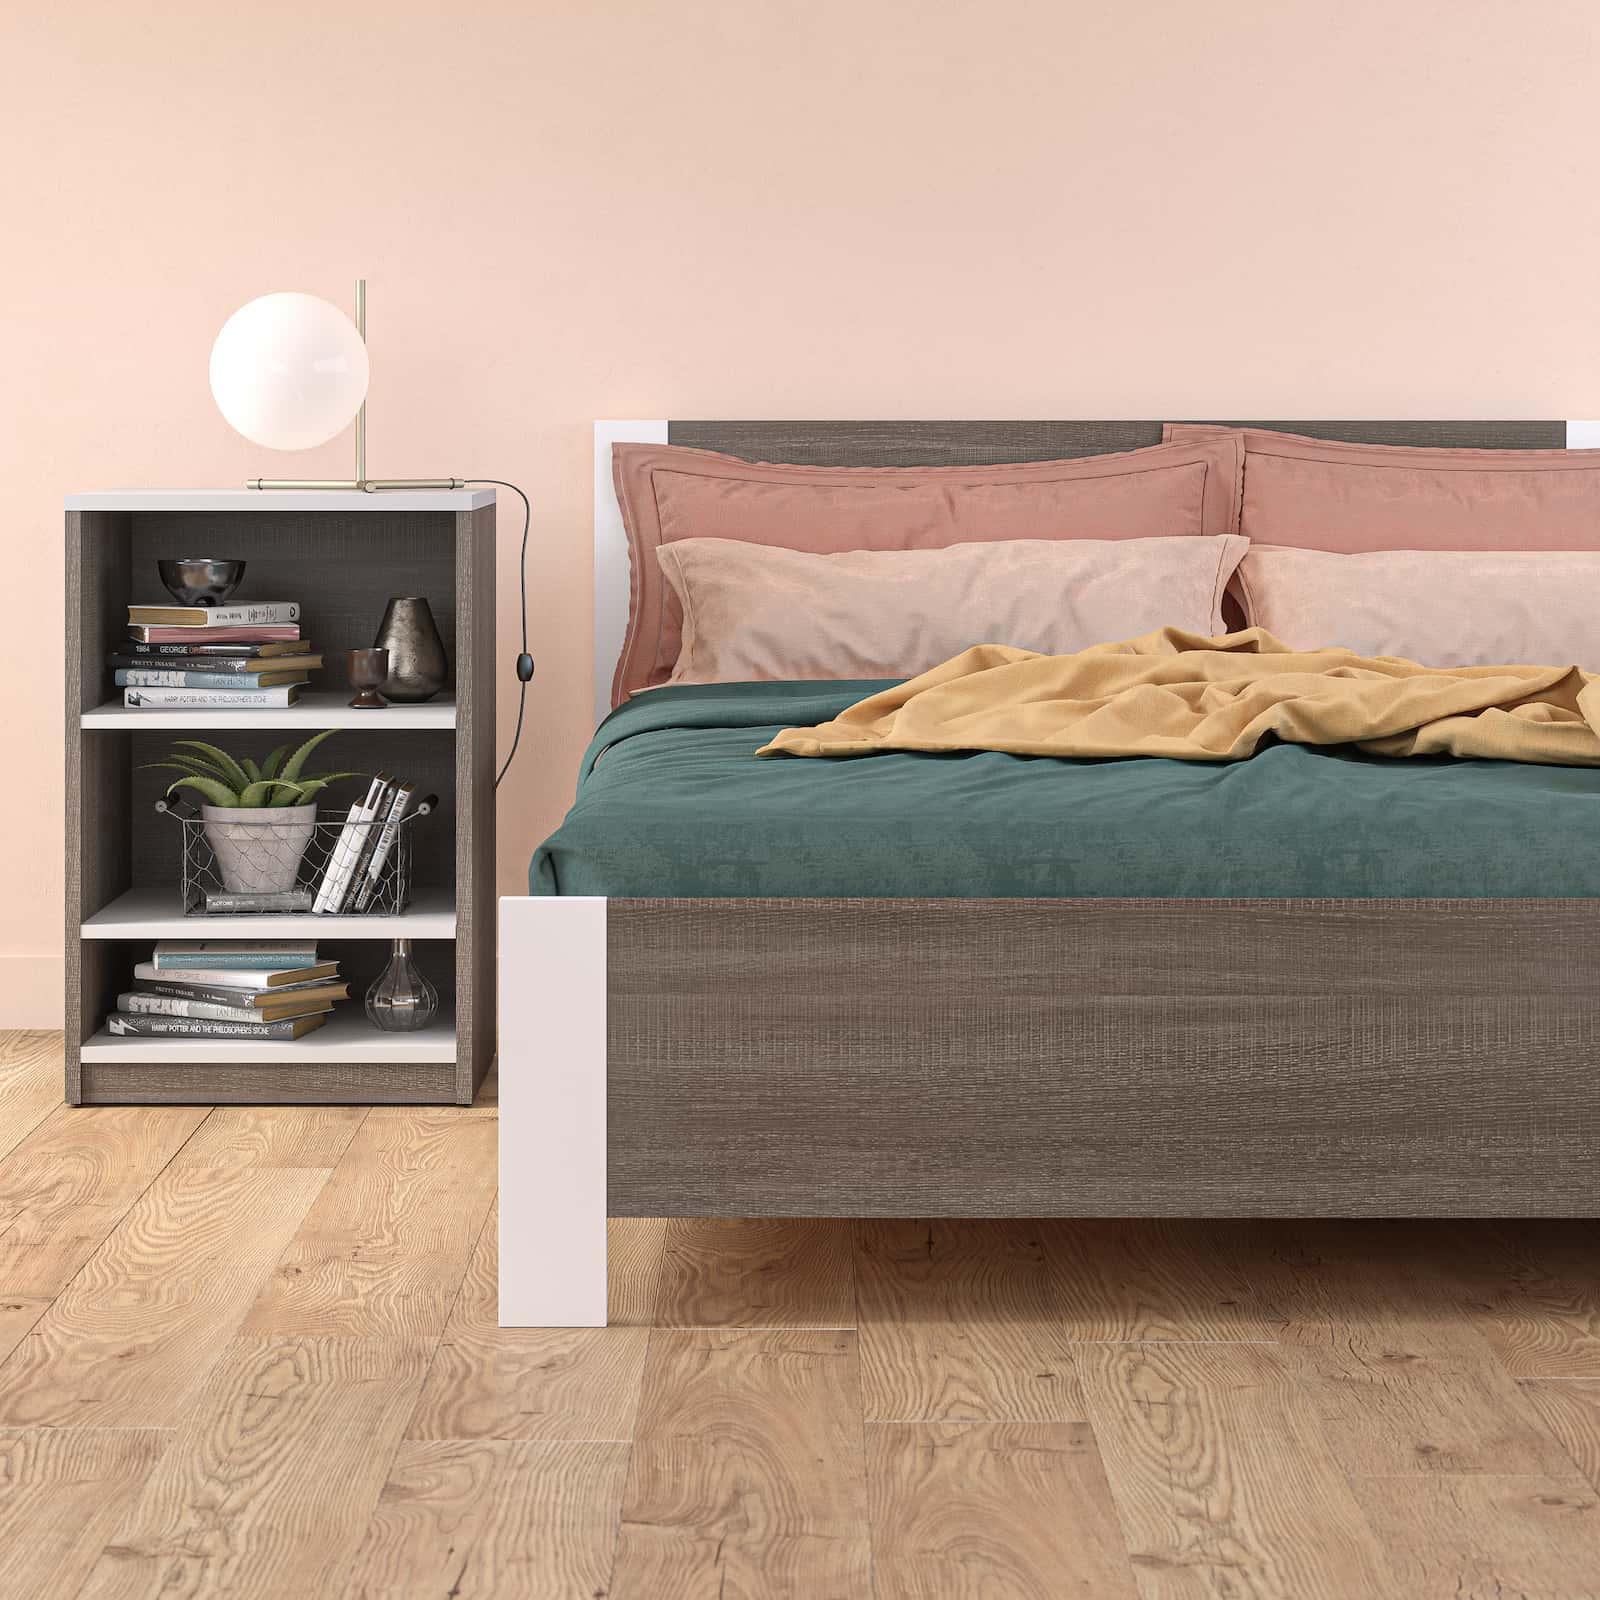 Chambre d'ado avec lit et table de chevet Bestar dans un décor pastel